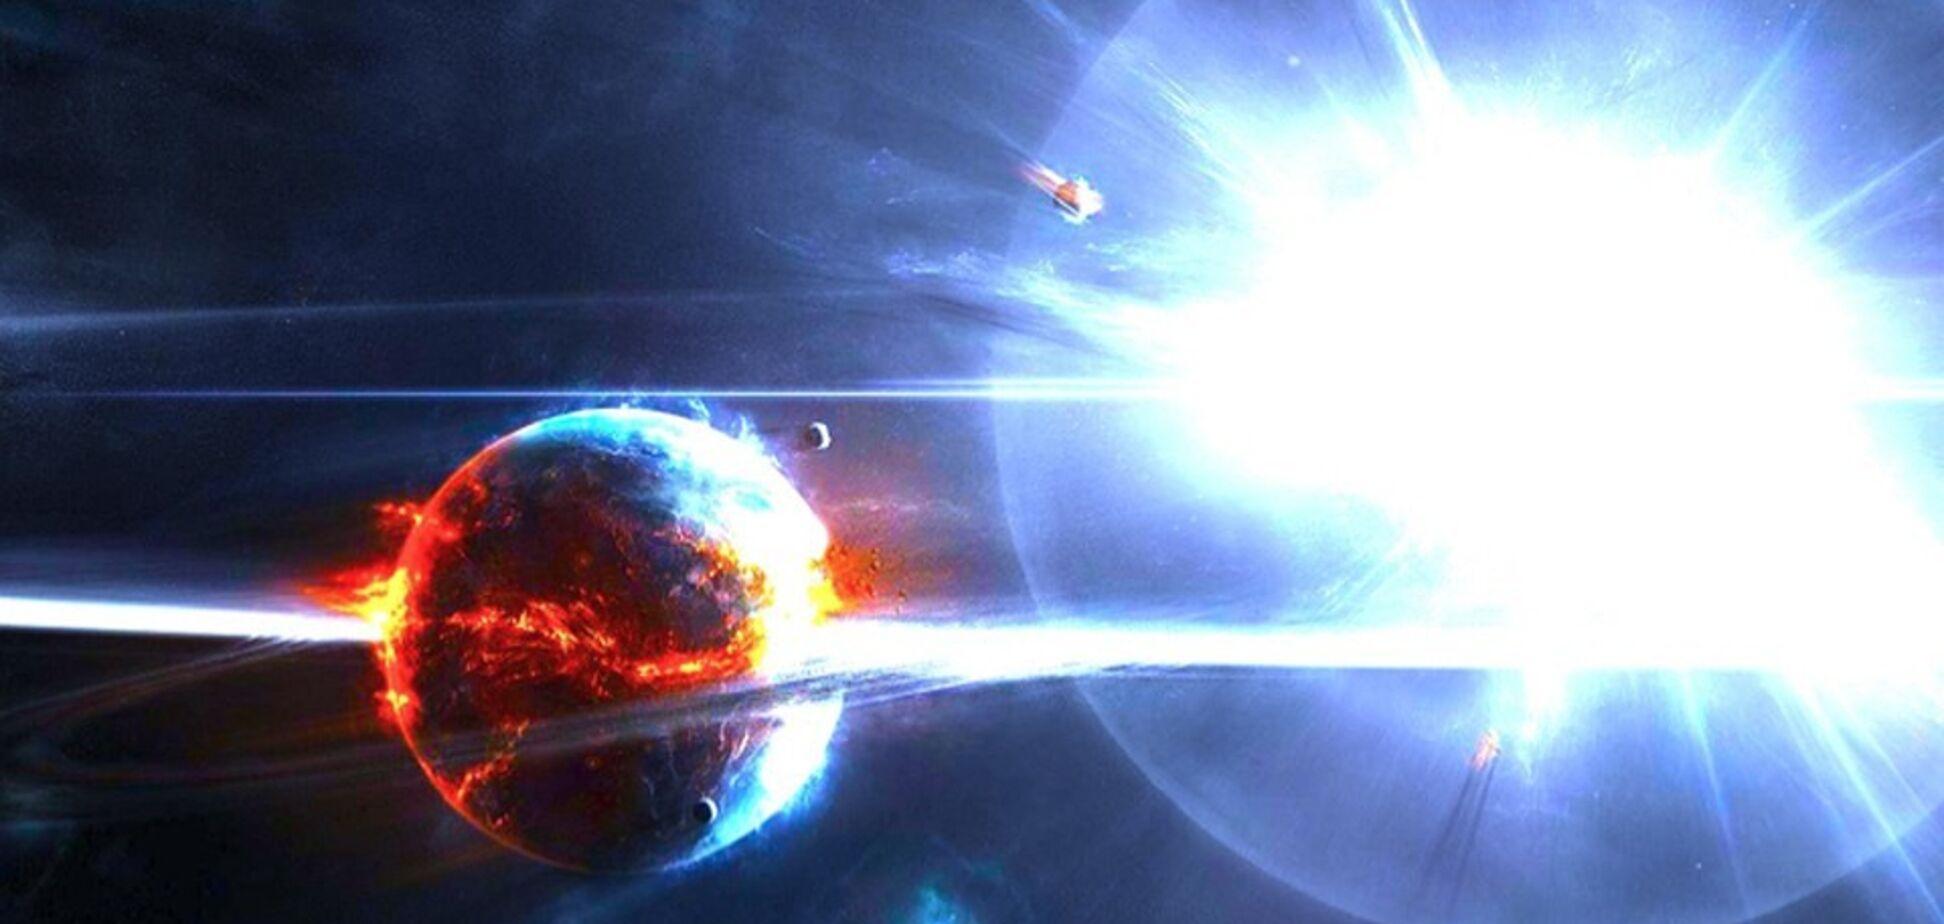 'Сонце згасне': вчений назвав дату кінця світу на Землі